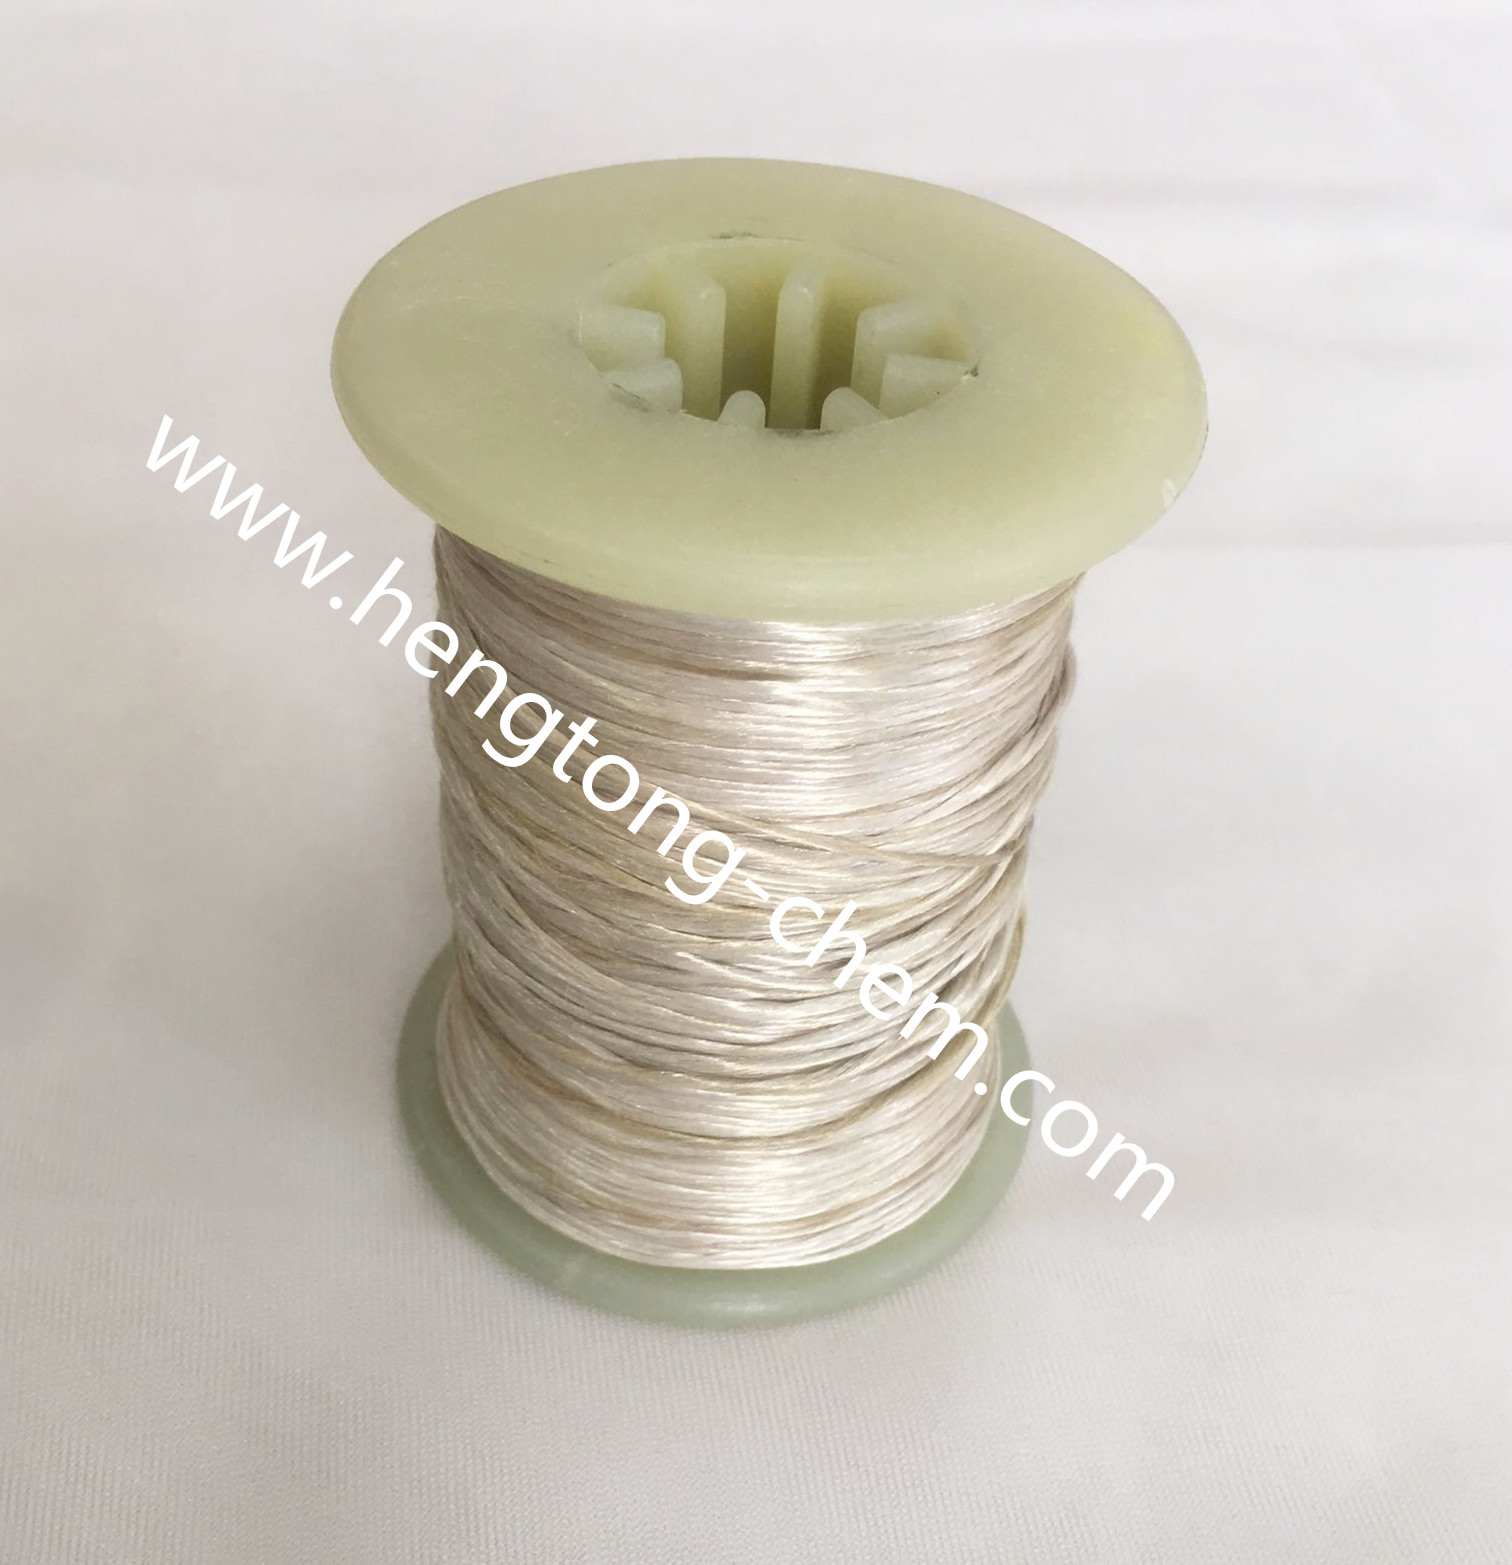 高通率轻量化线缆信号输入电线,凯夫拉镀银(芳纶镀银)1500D